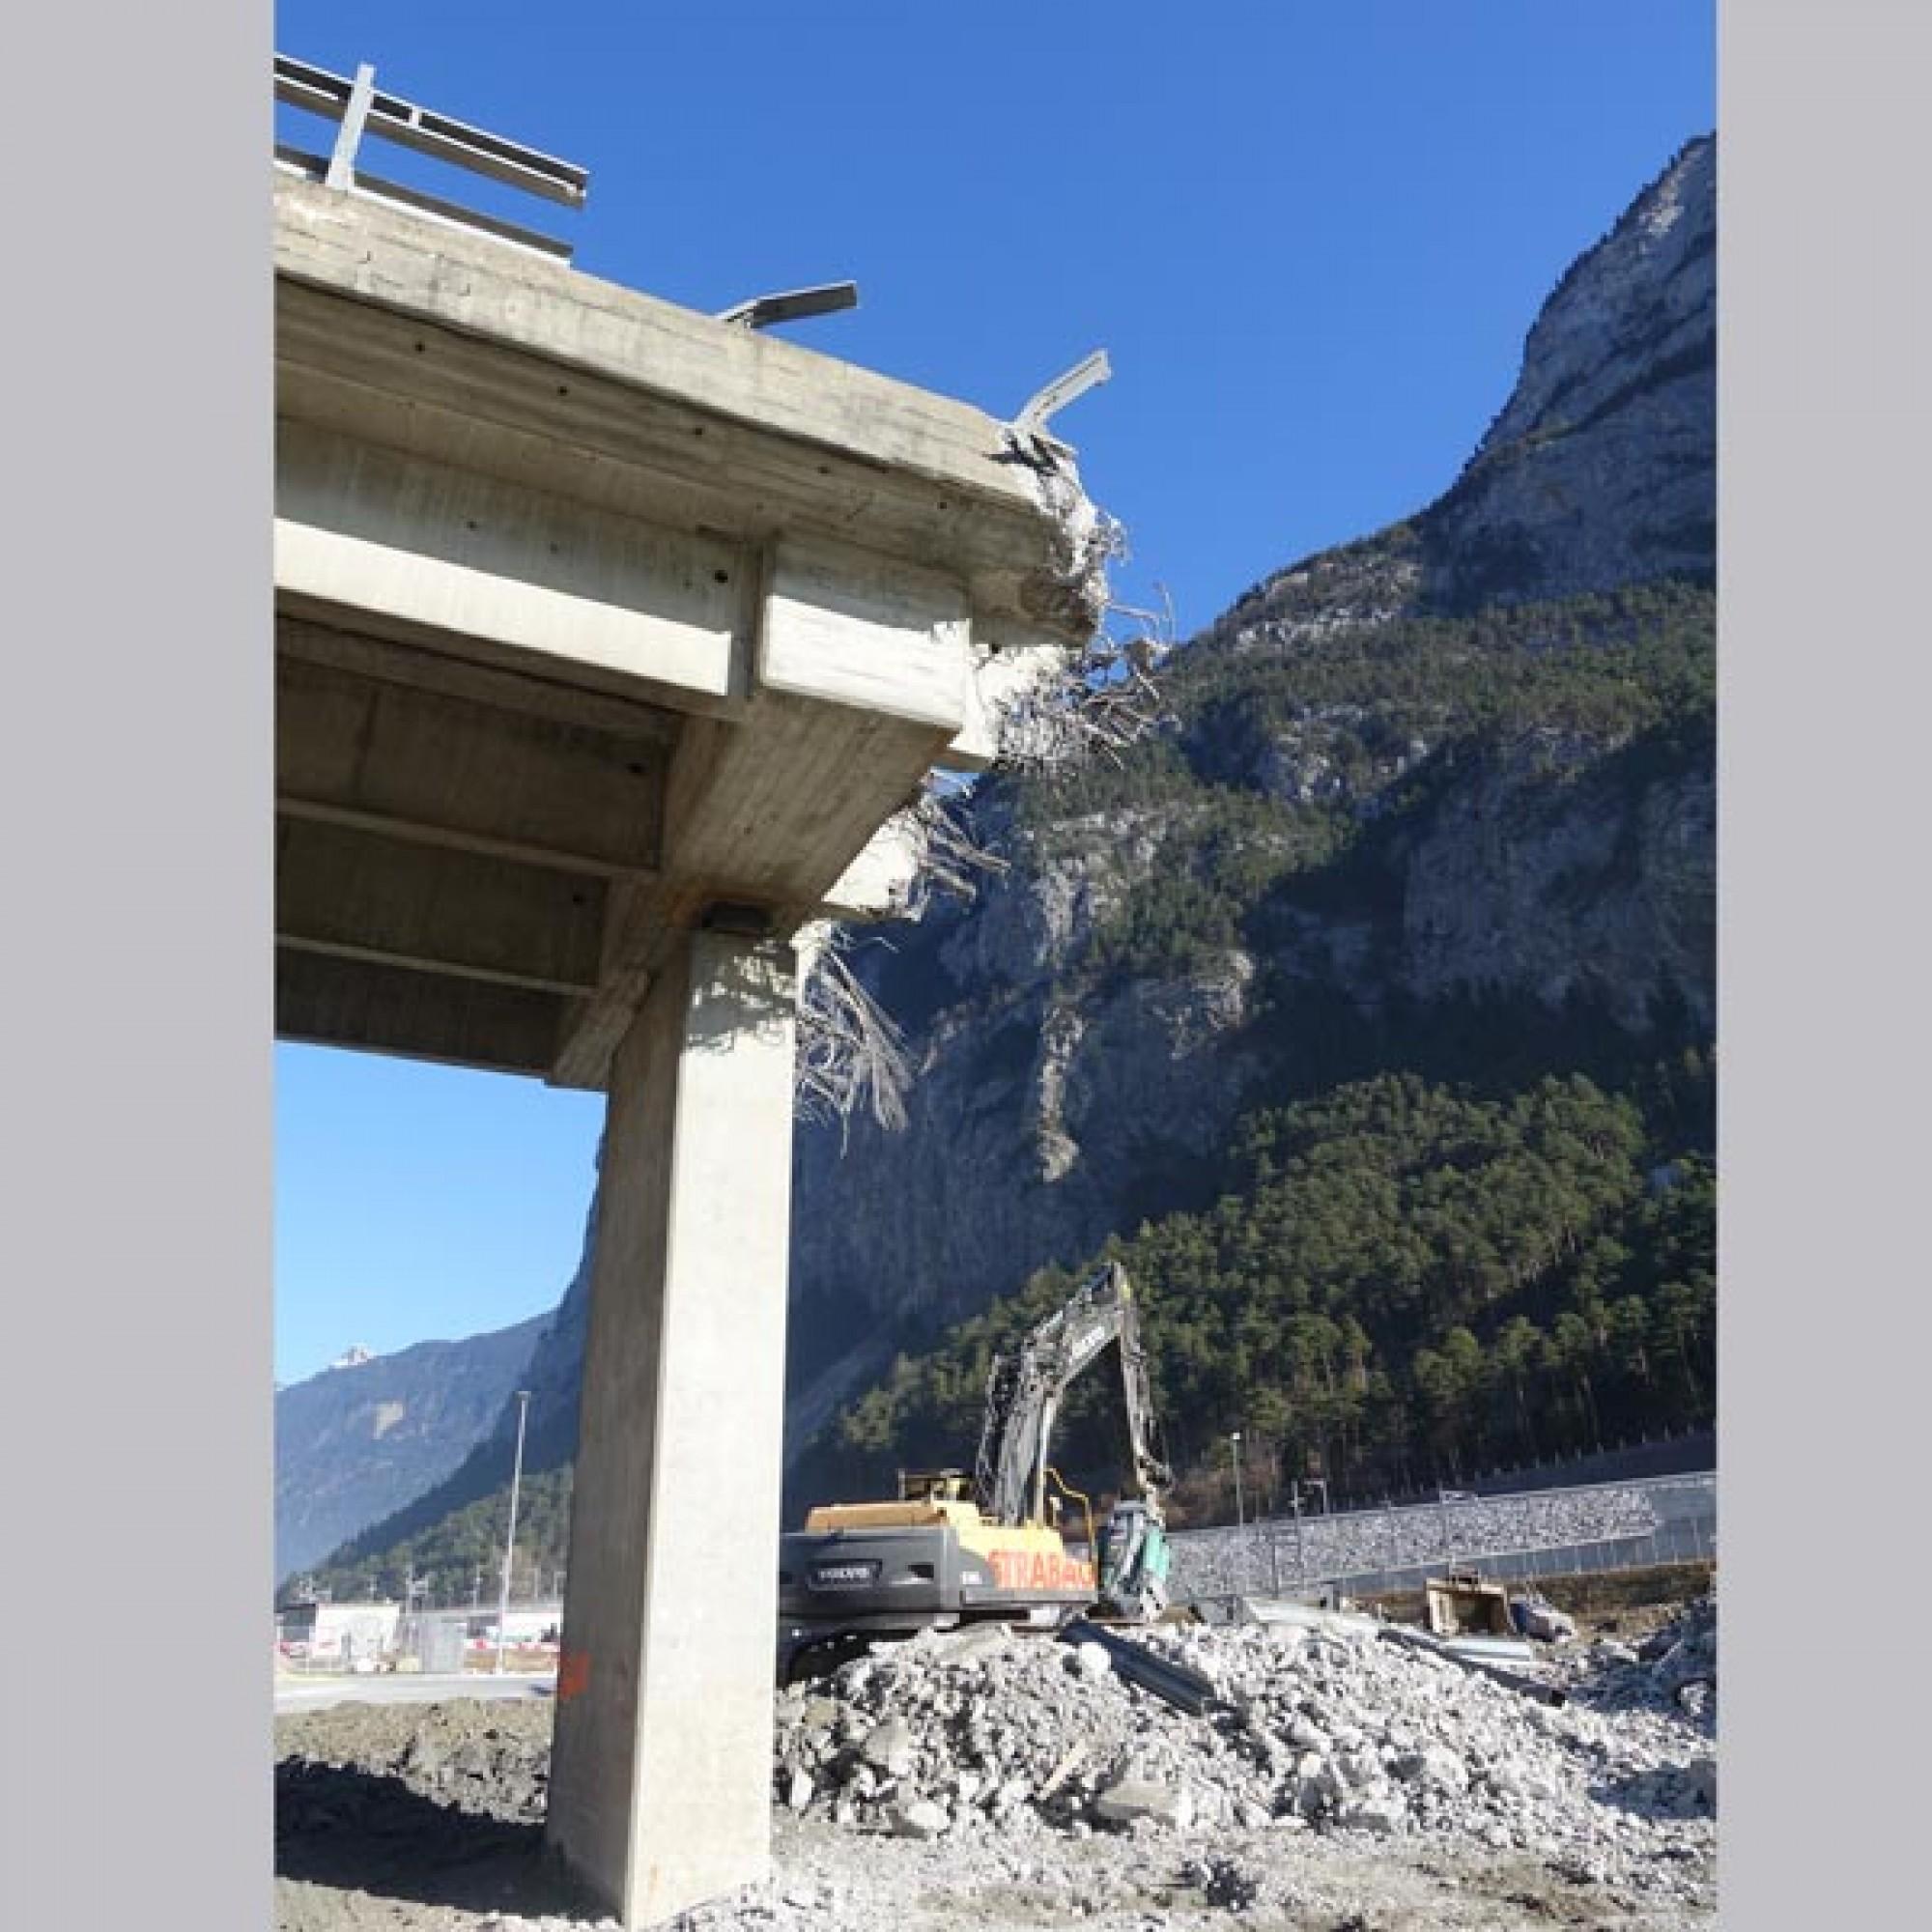 Deutlich ist die dichte Stahlarmierung der Brücke zu erkennen.